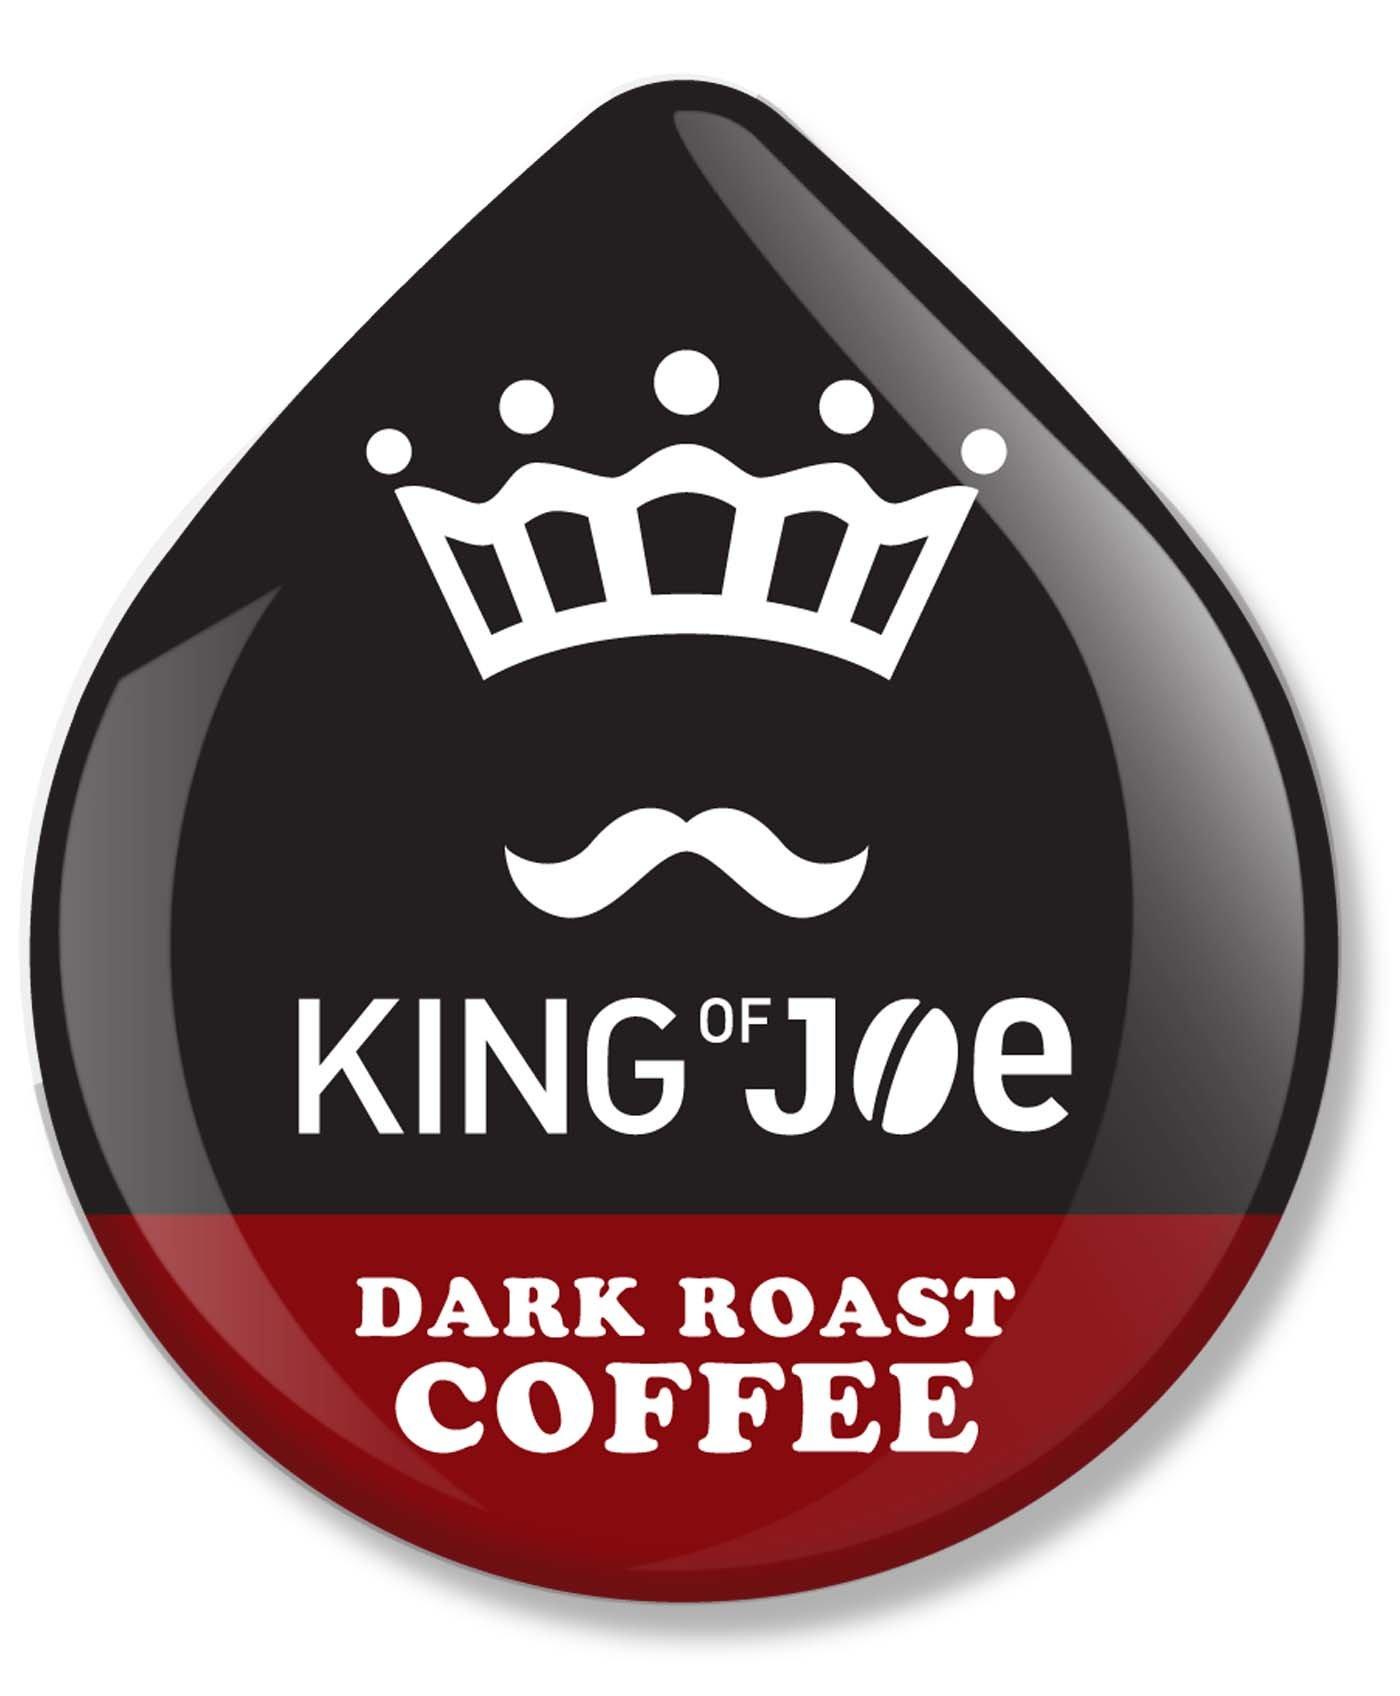 King of Joe Dark Roast Coffee by King of Joe (Image #2)